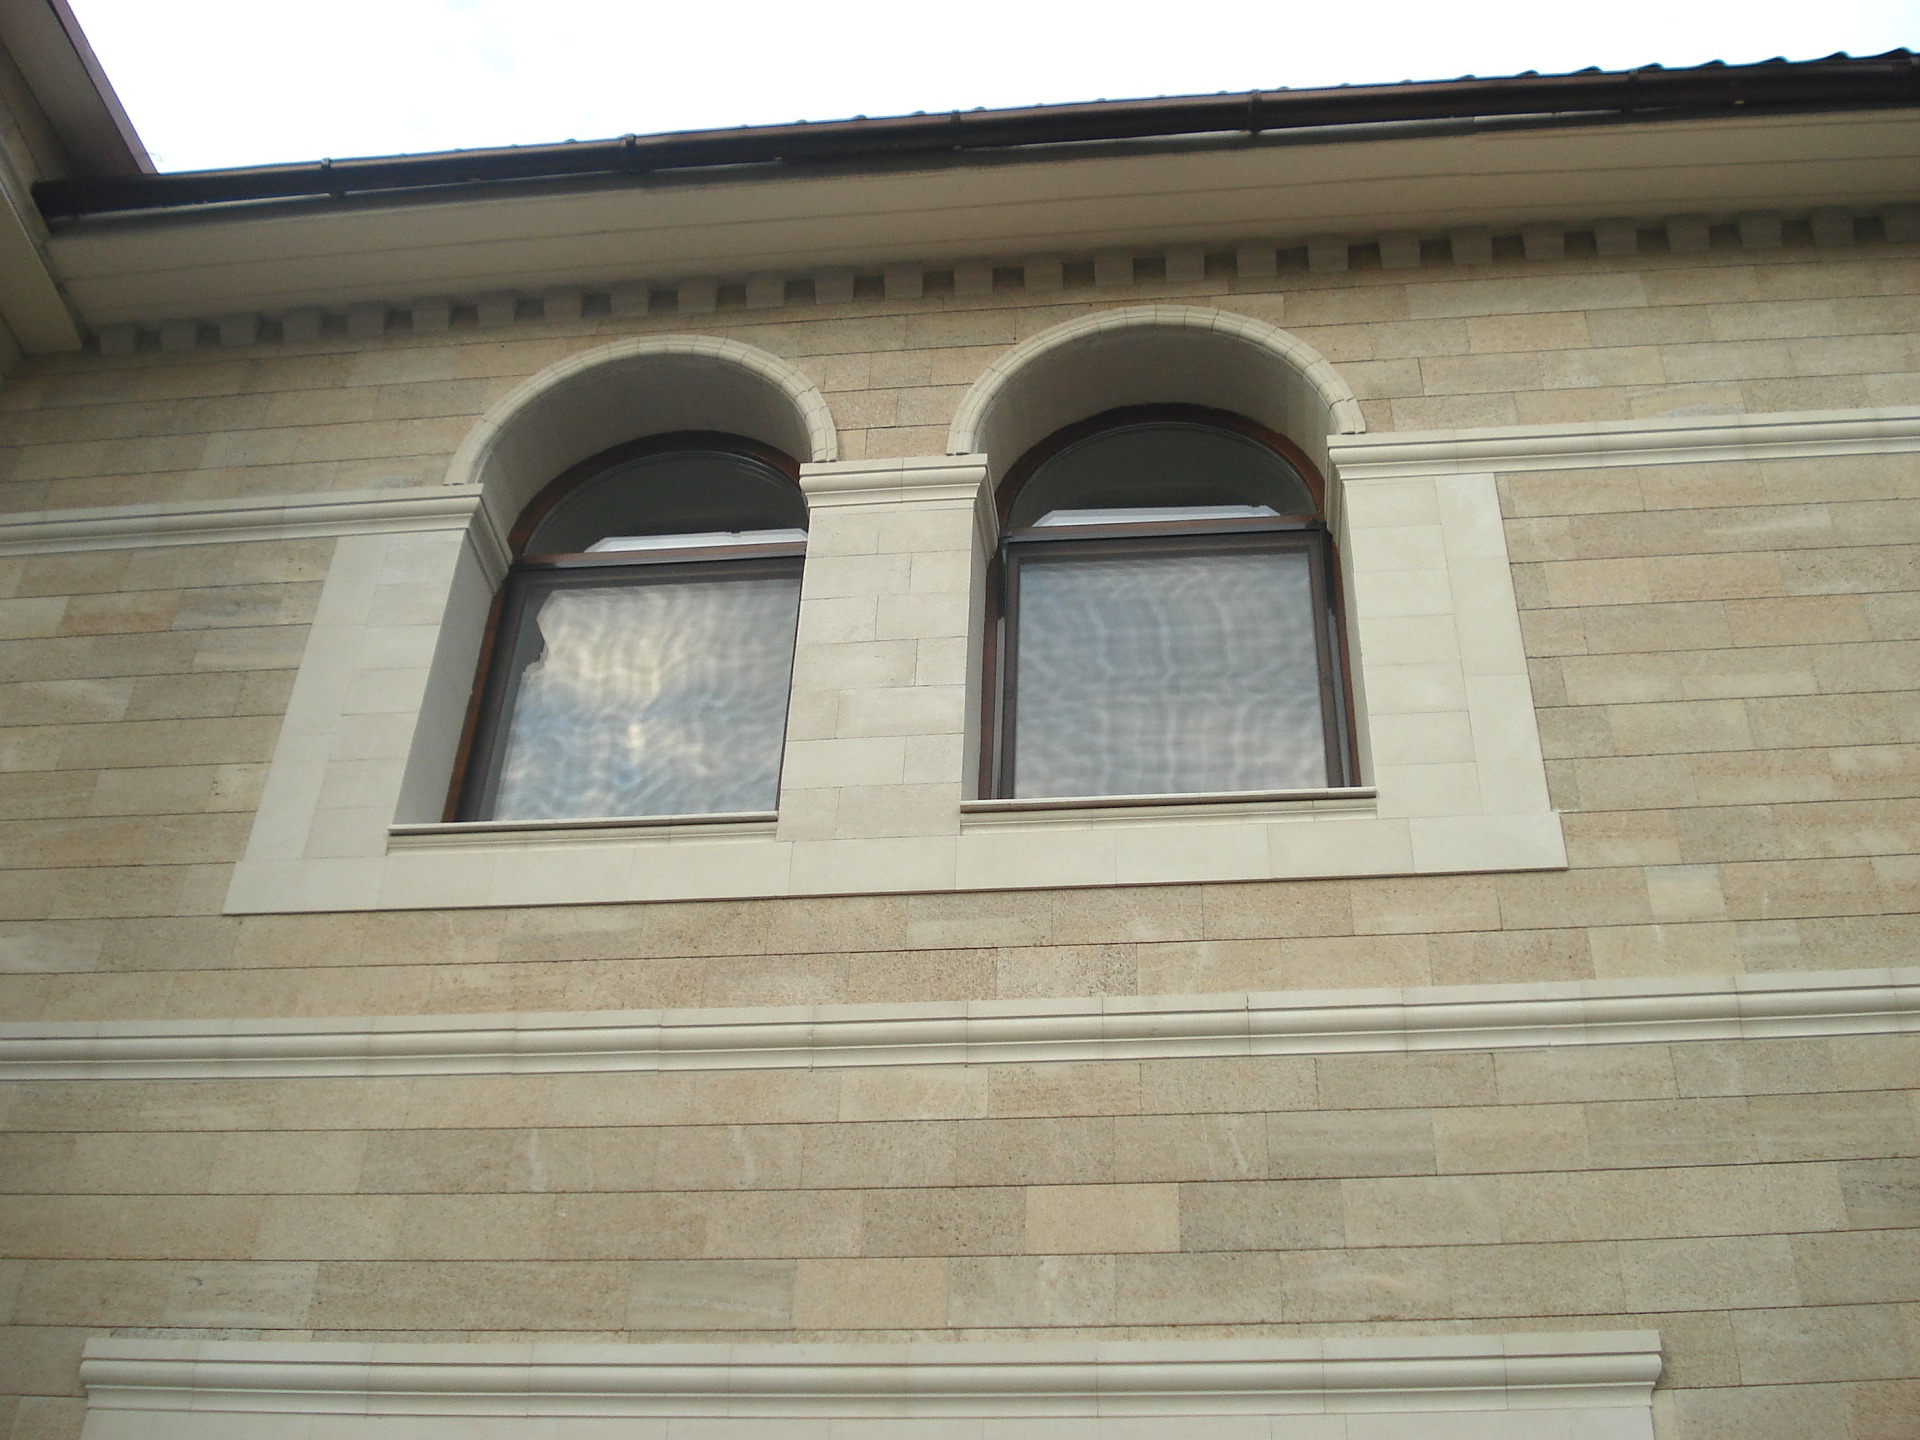 Дома и здания облицованные плиткой из каякентского дагестанского камня ракушечника - фото, цены, размеры плитки